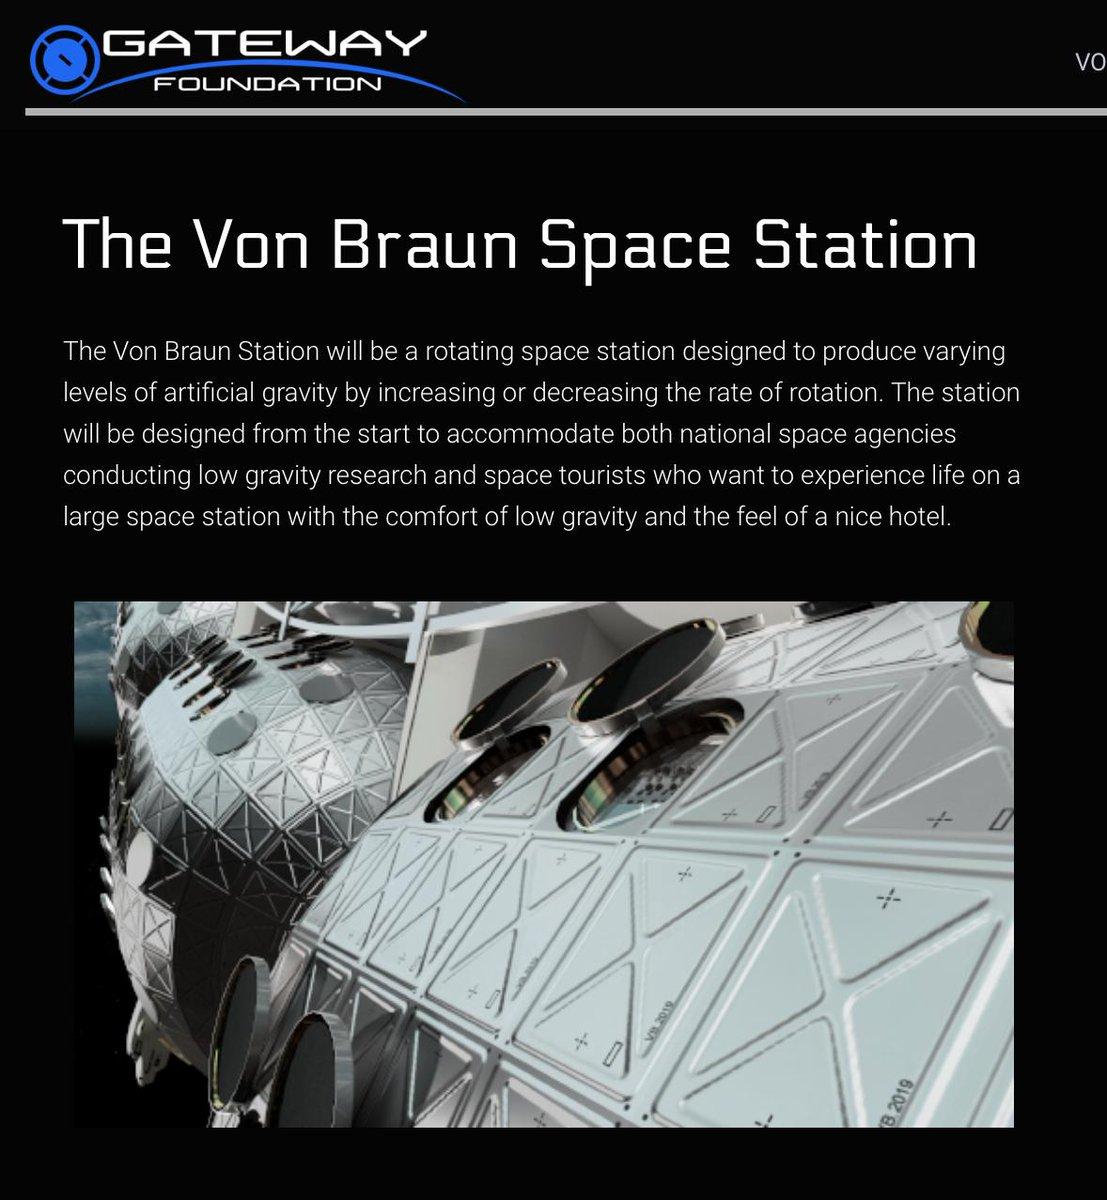 Von braun station